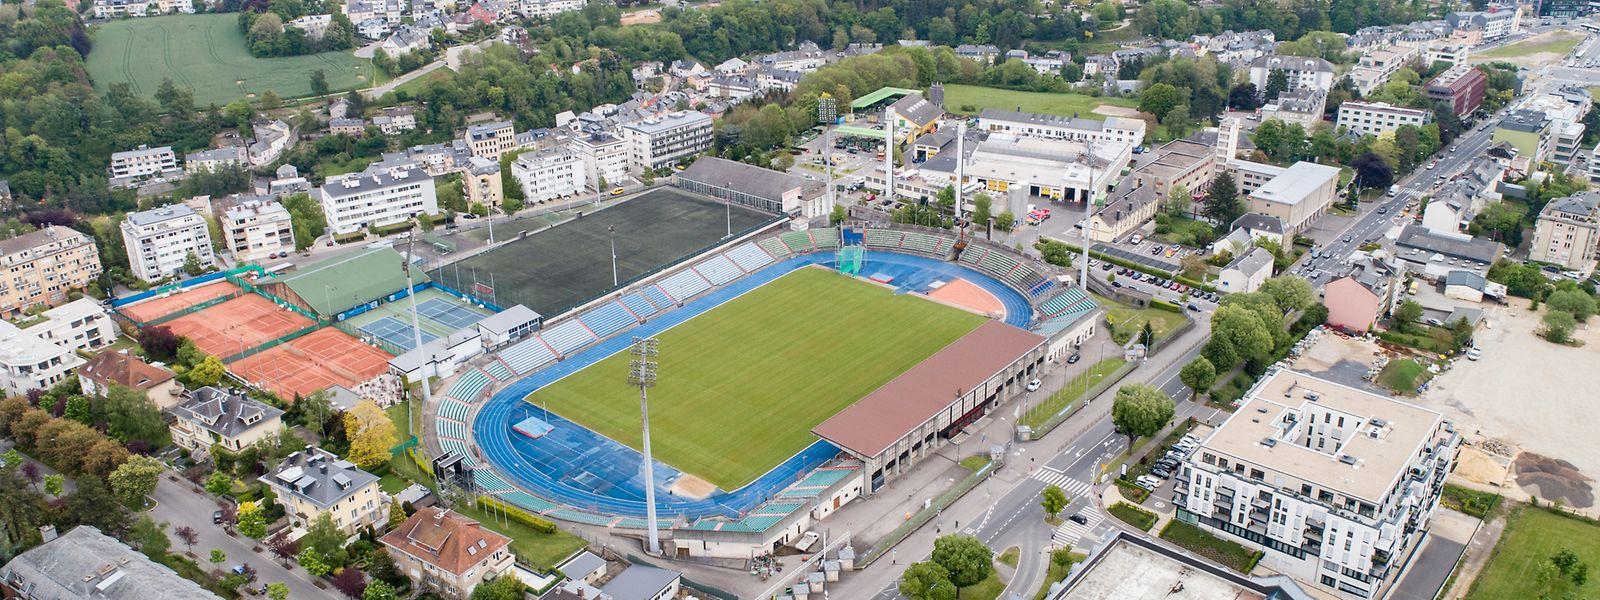 Le projet s'étalera sur 10 hectares - dont 83% sont propriété de la Ville - qui englobent le stade national Josy Barthel mais aussi la caserne des pompiers, un terrain de football, le hall omnisports, des courts de tennis, le service d'hygiène de la Ville et un centre de recyclage.